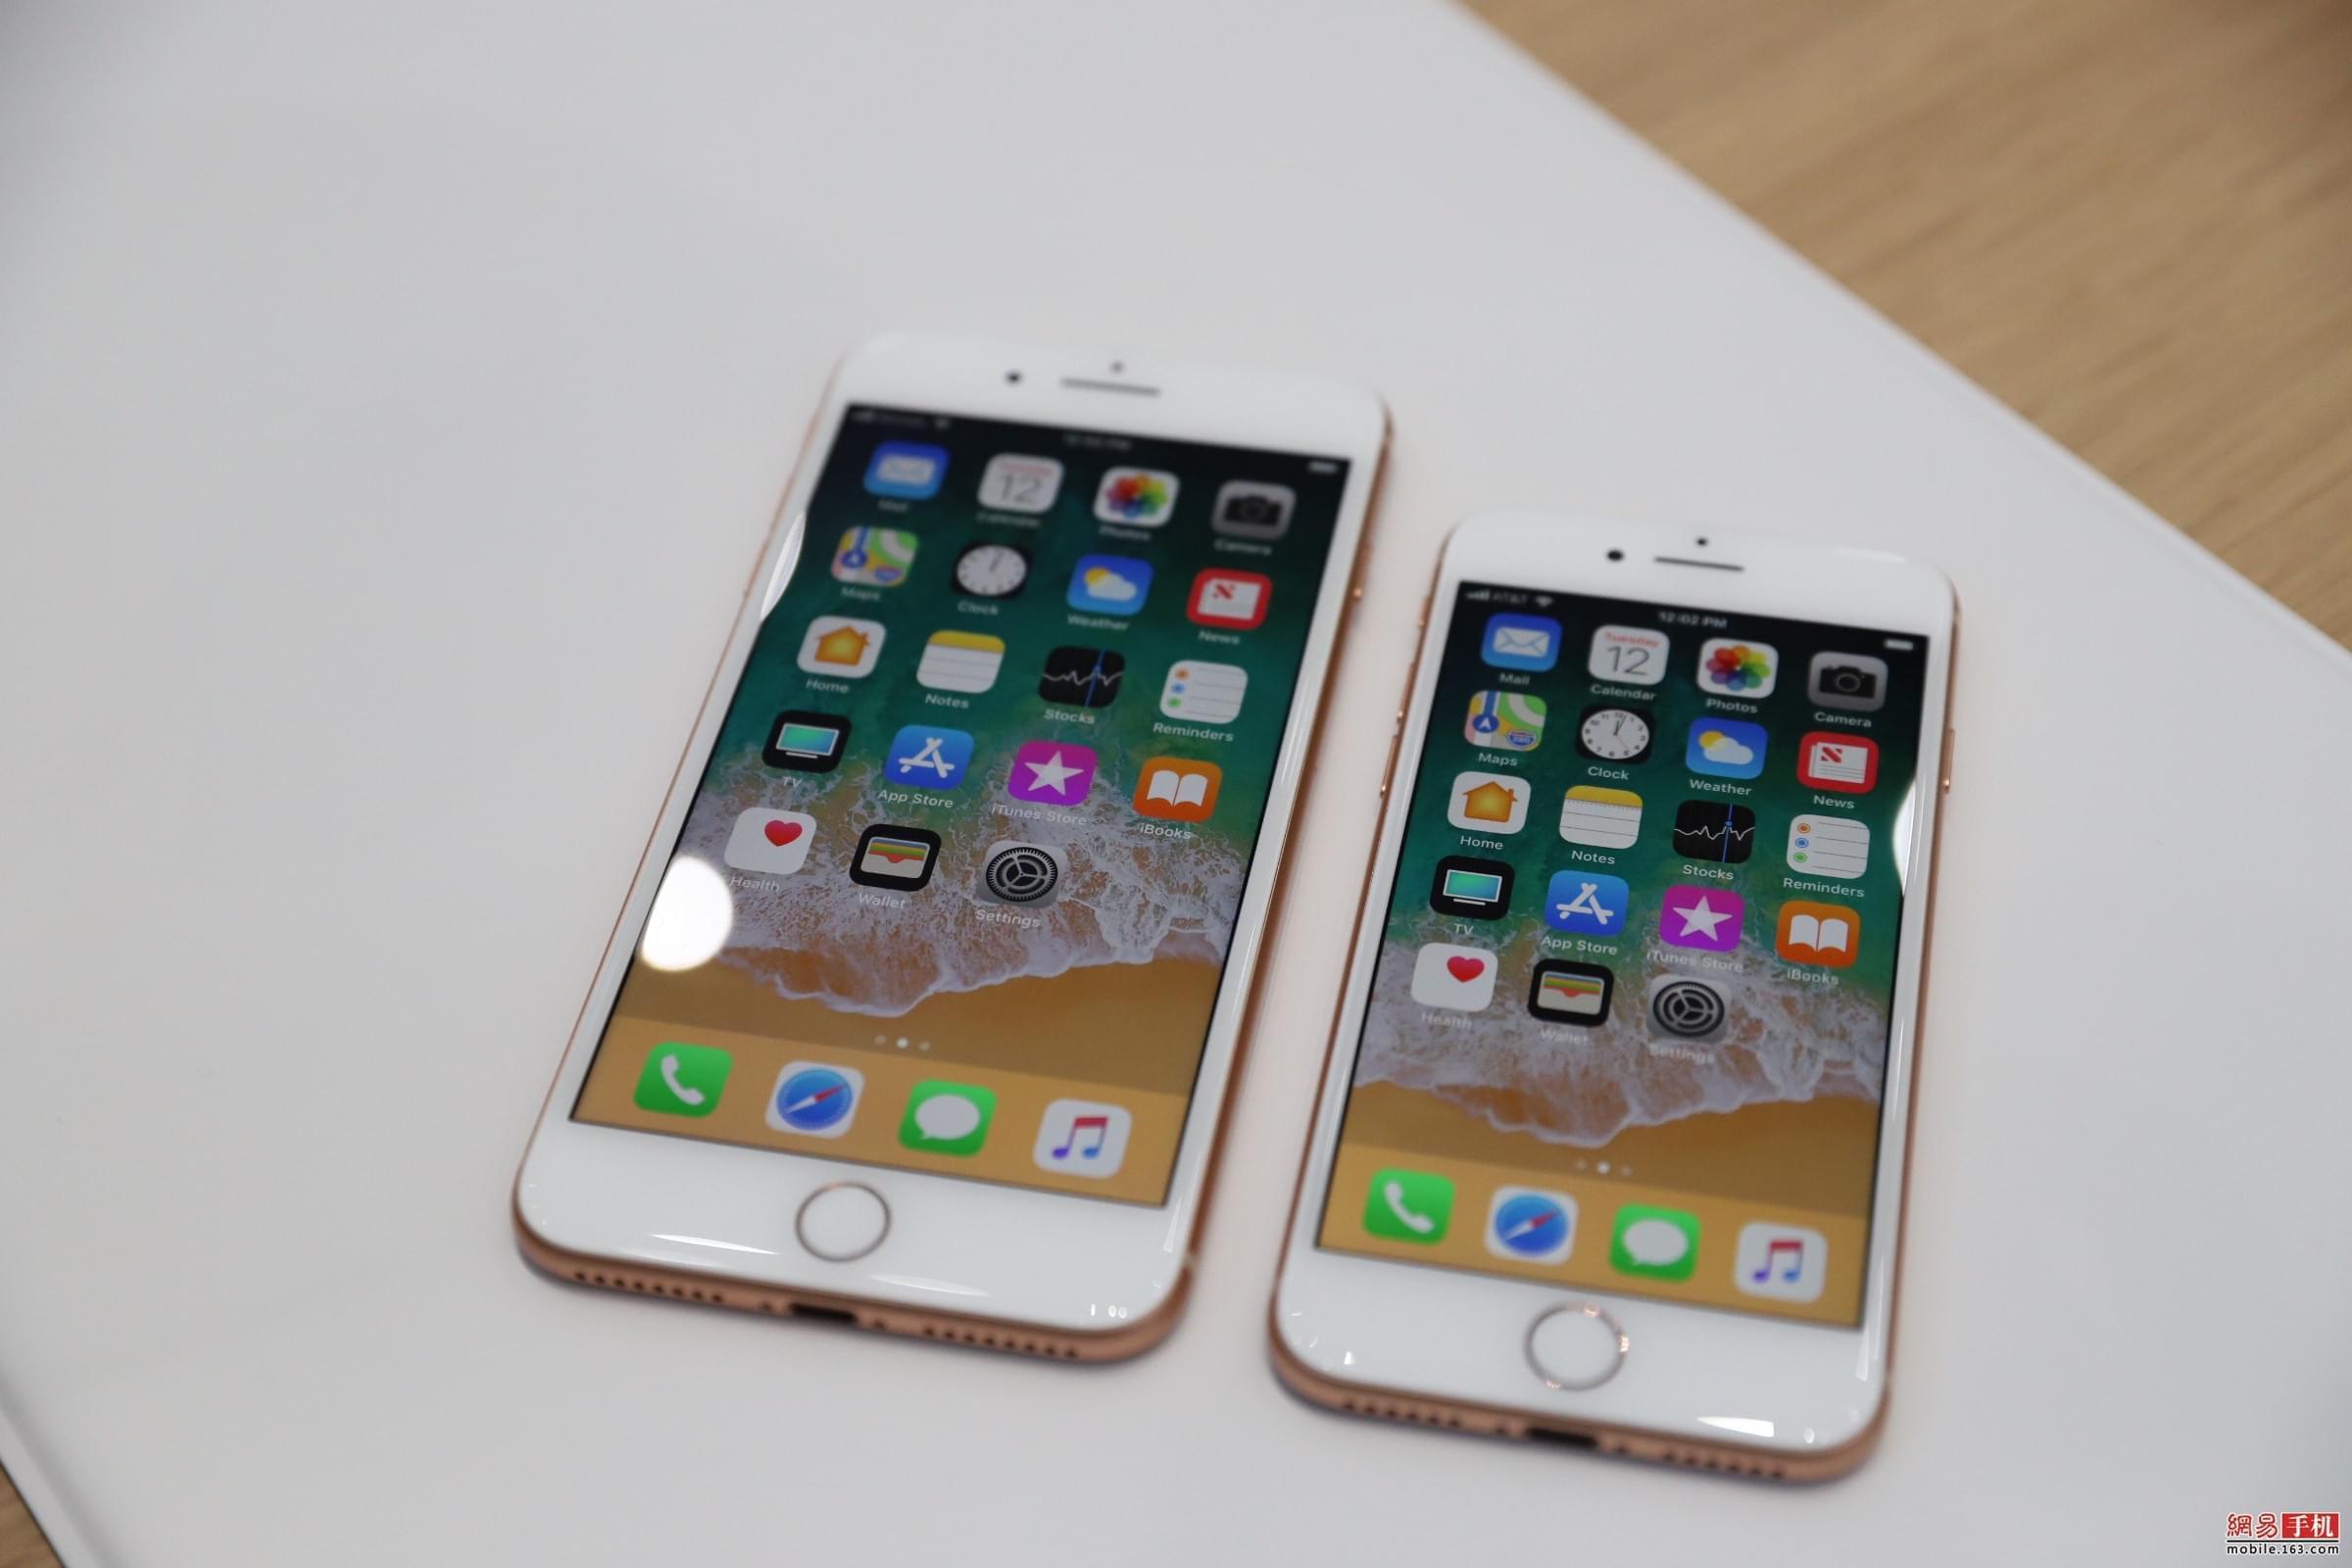 白平衡自调节 iPhone 8/8Plus屏幕再升级